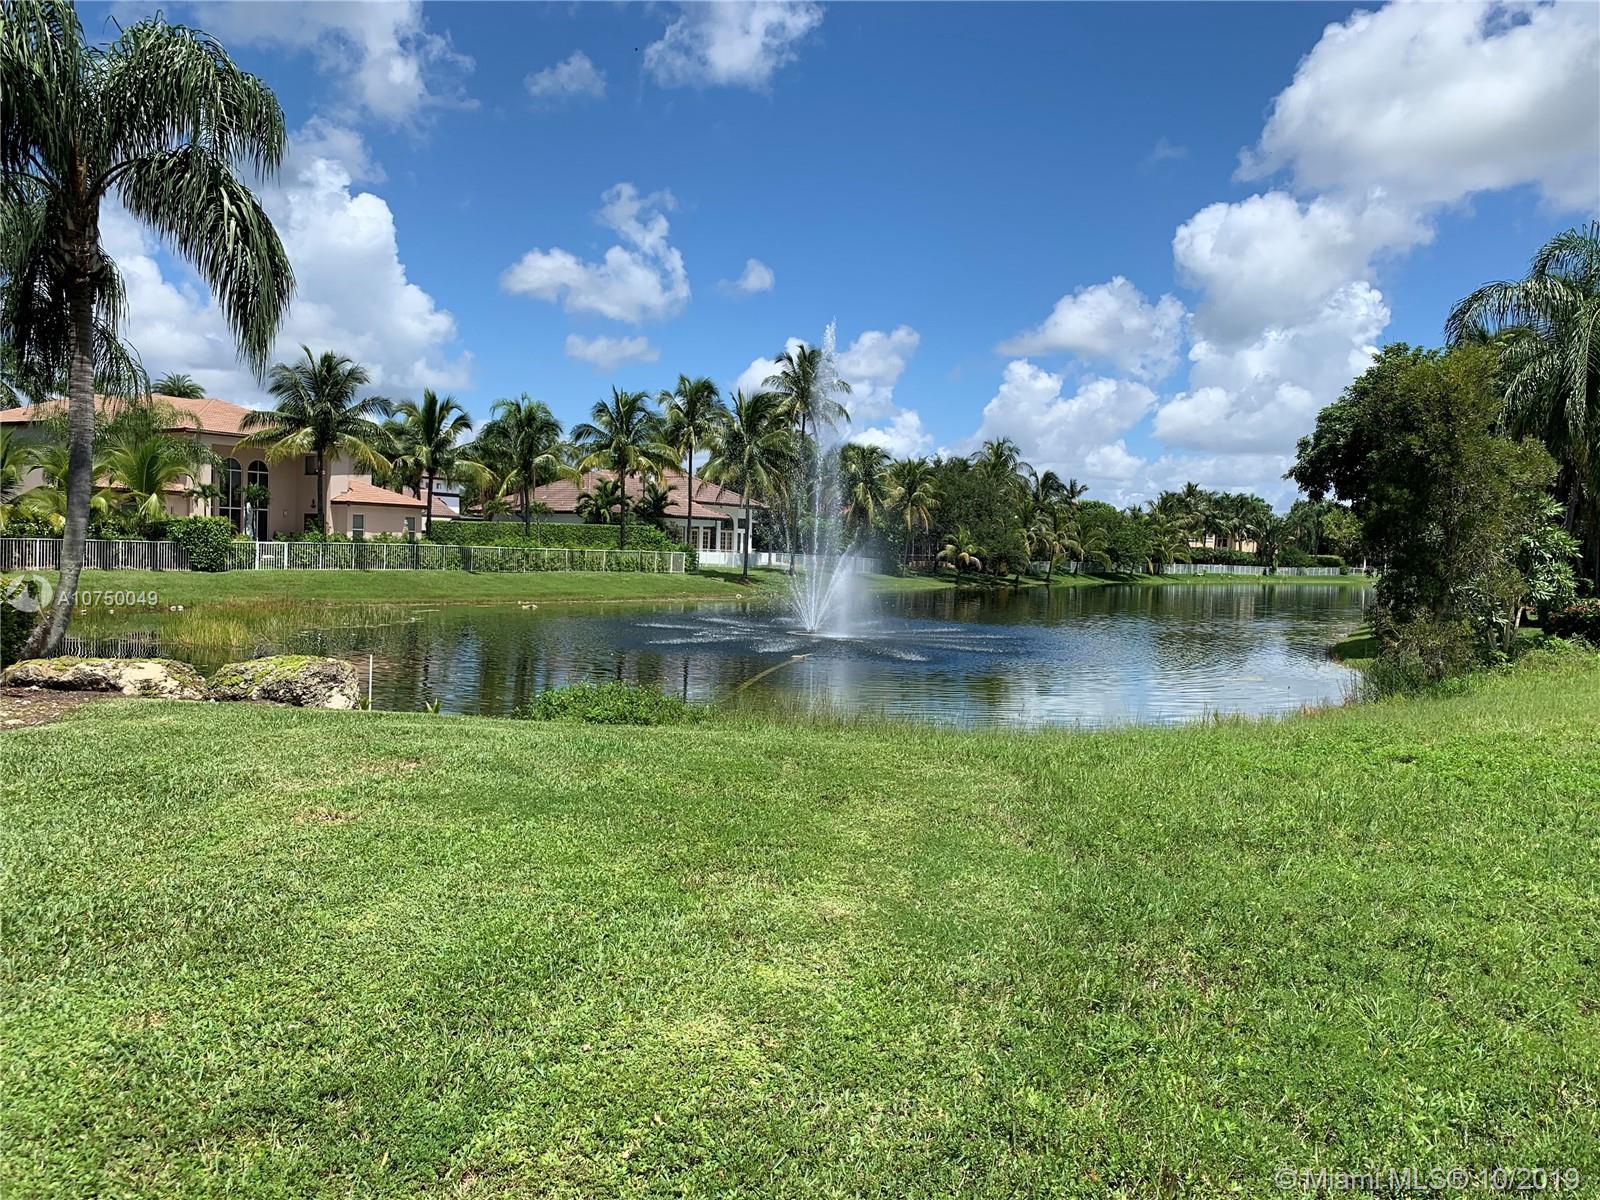 632 SW Enclave Cir - Pembroke Pines, Florida